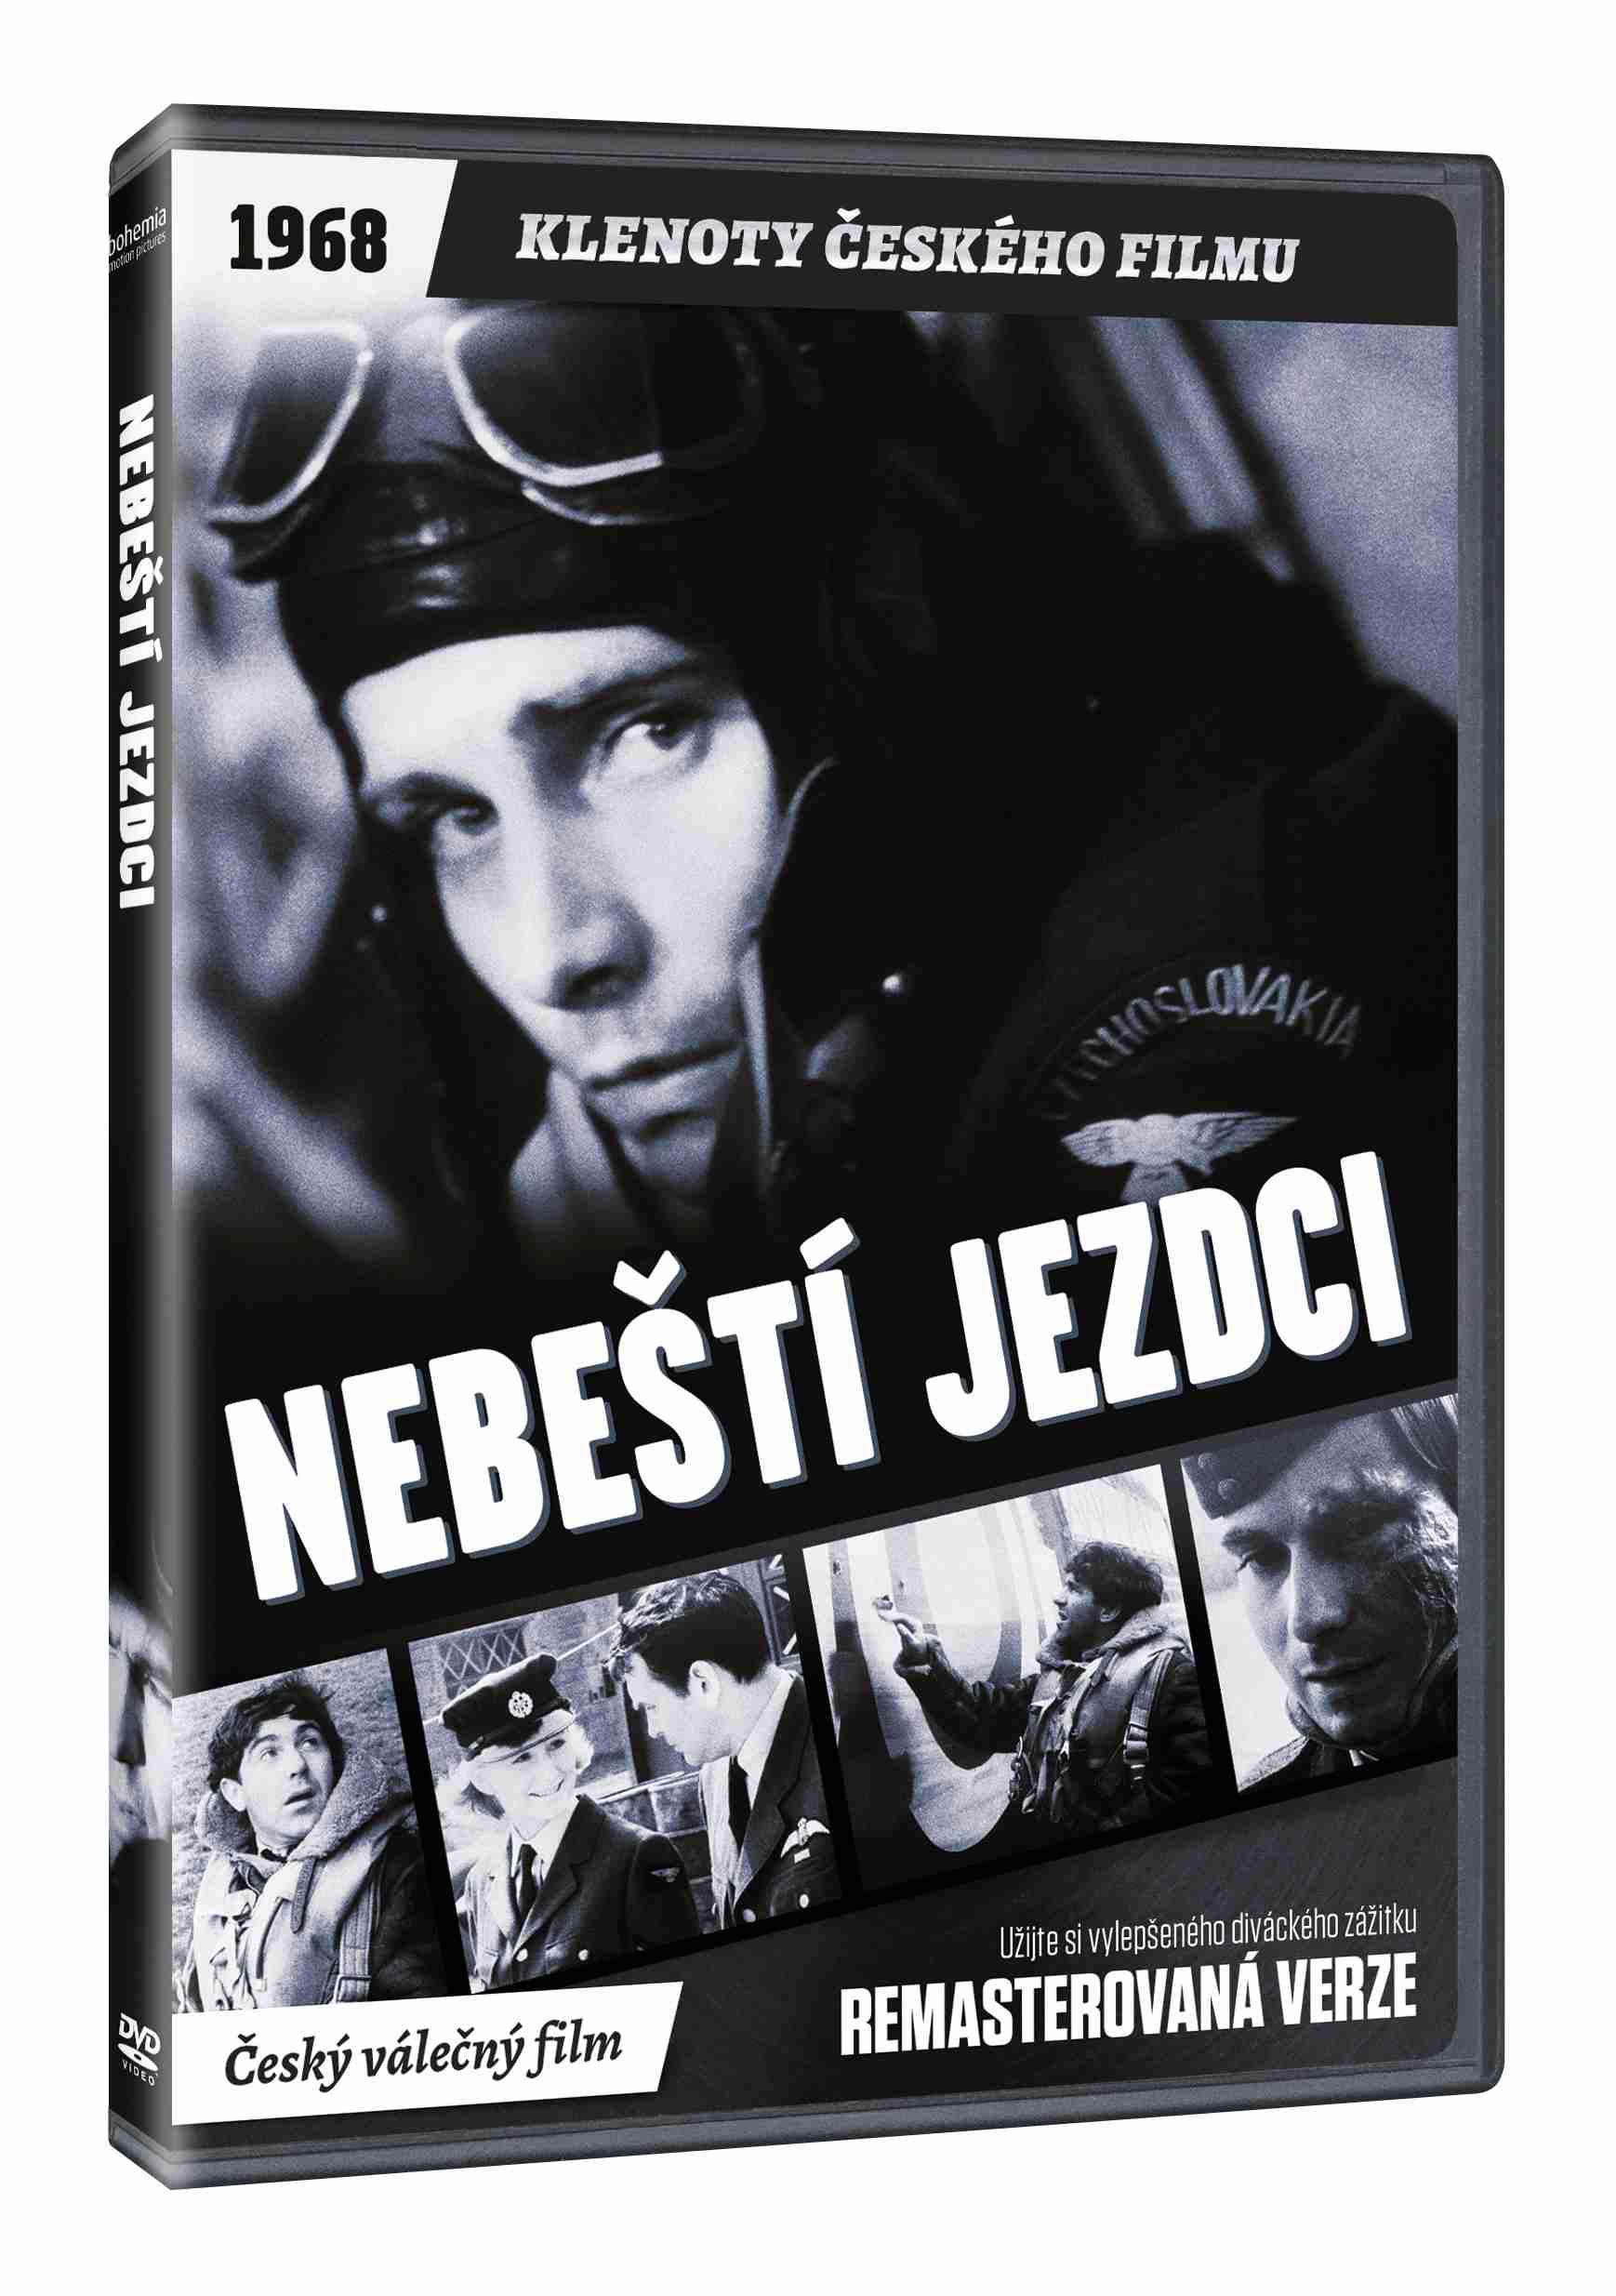 Nebeští jezdci - DVD (remasterovaná verze)